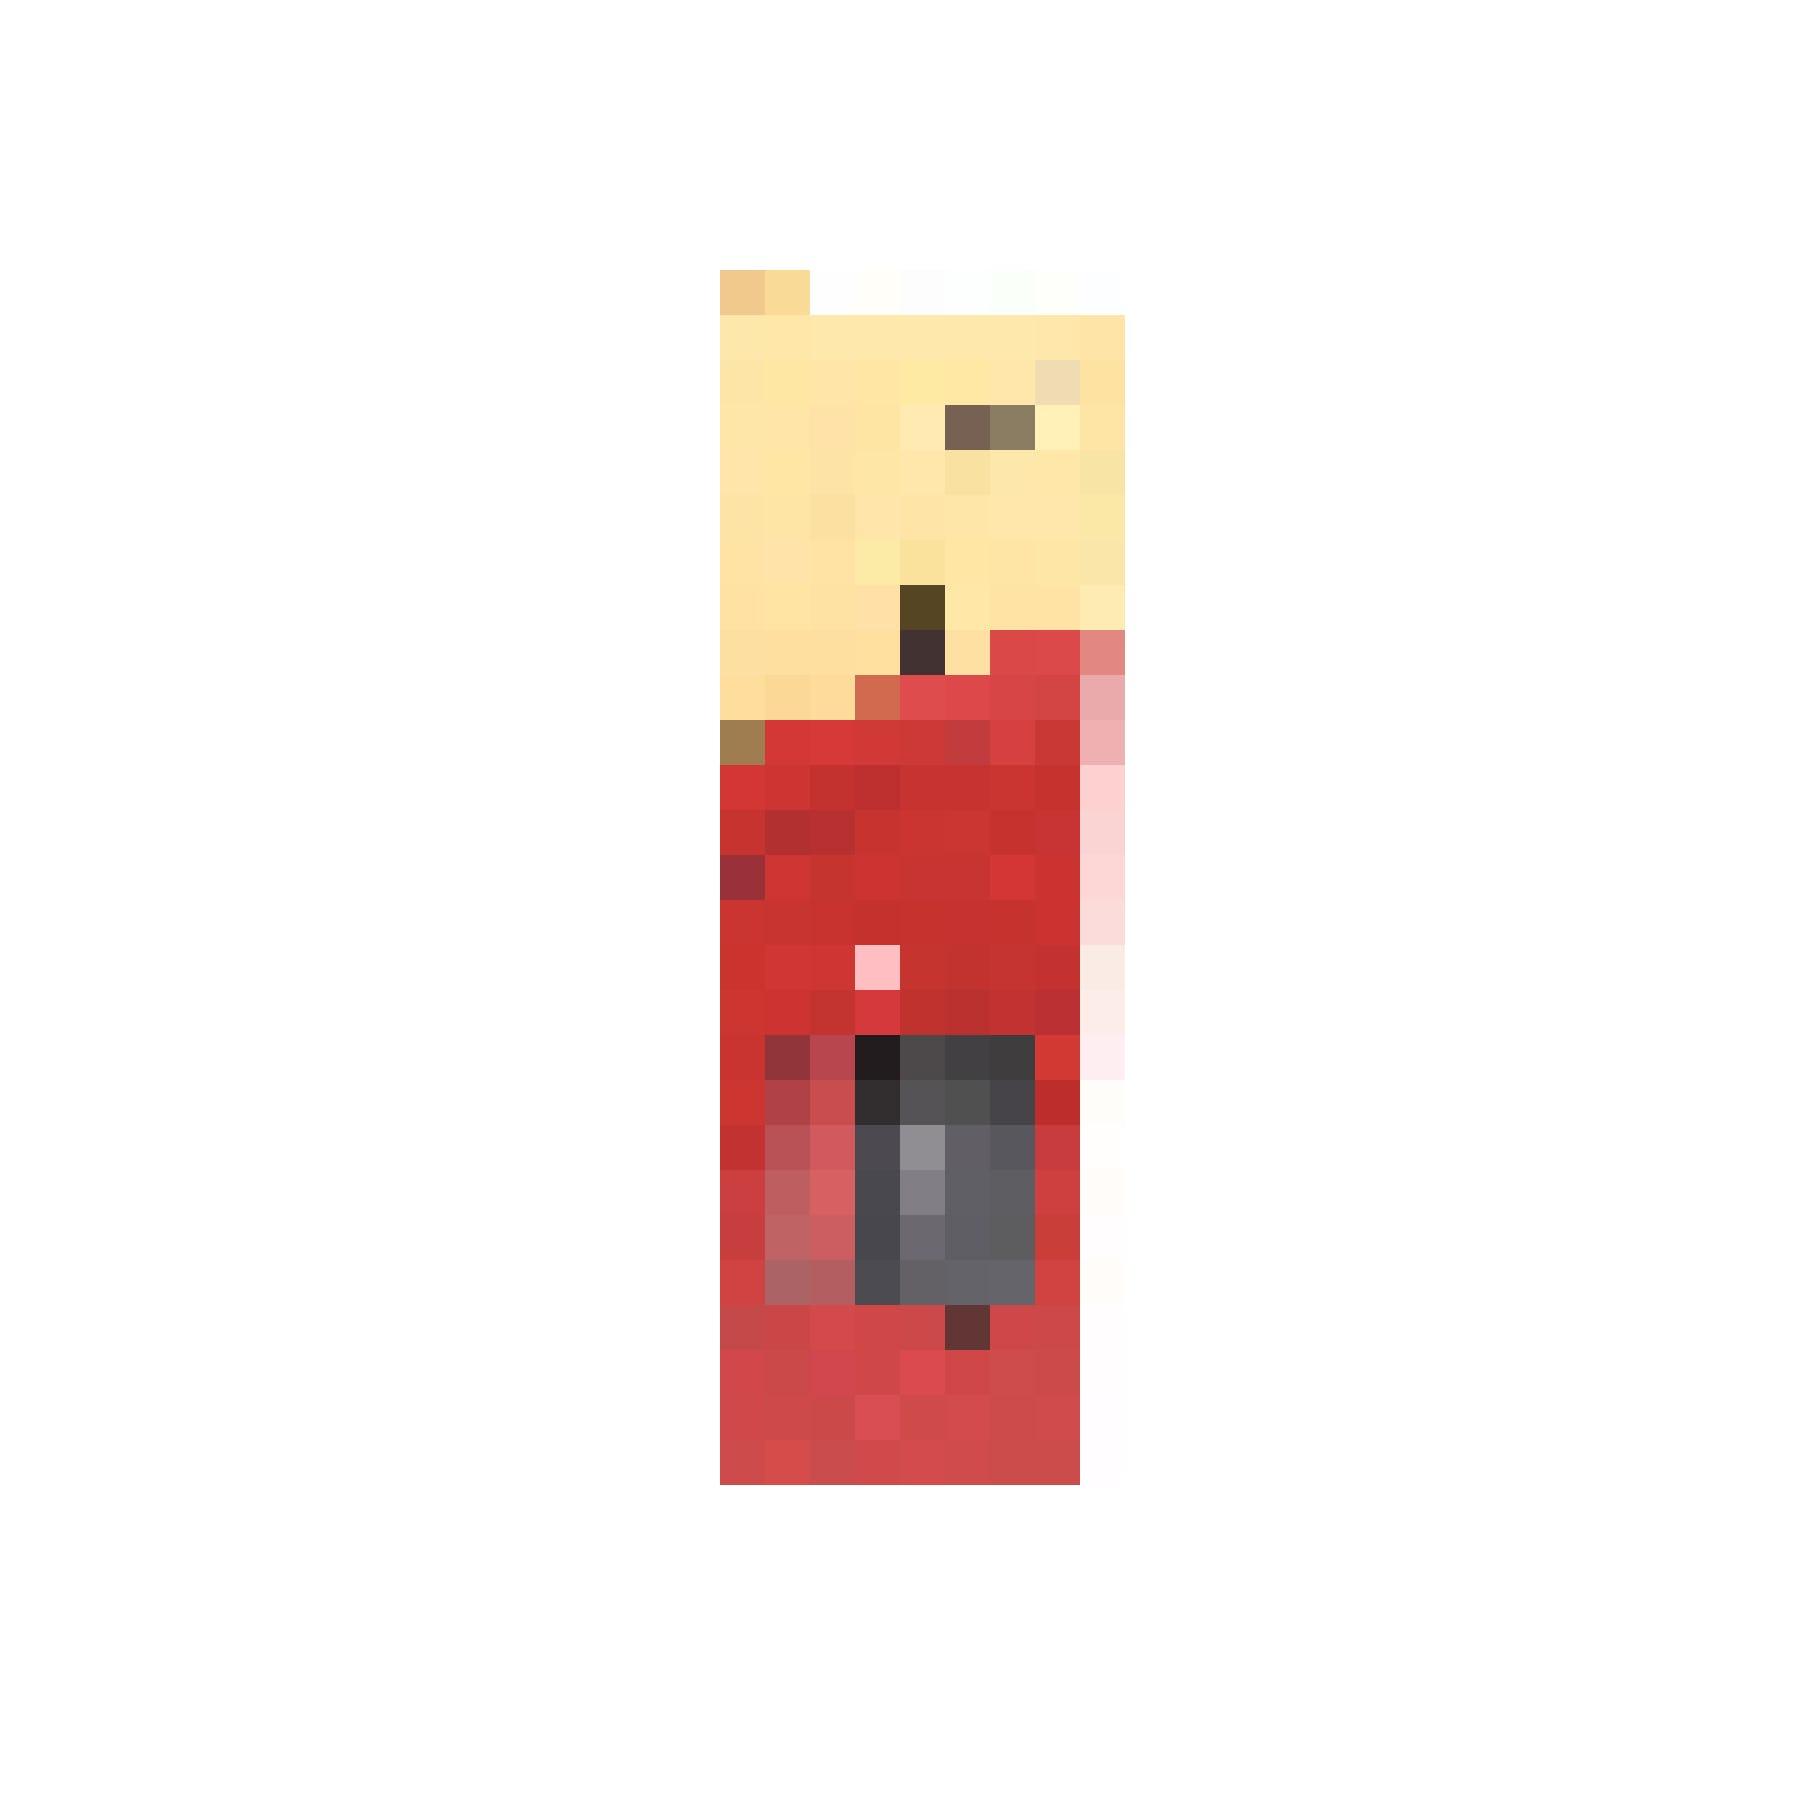 A prova di bacio: Rossetto Max Factor Lipfinity Hot 120, fr. 25.90, nei punti vendita selezionati Coop e da Coop City.